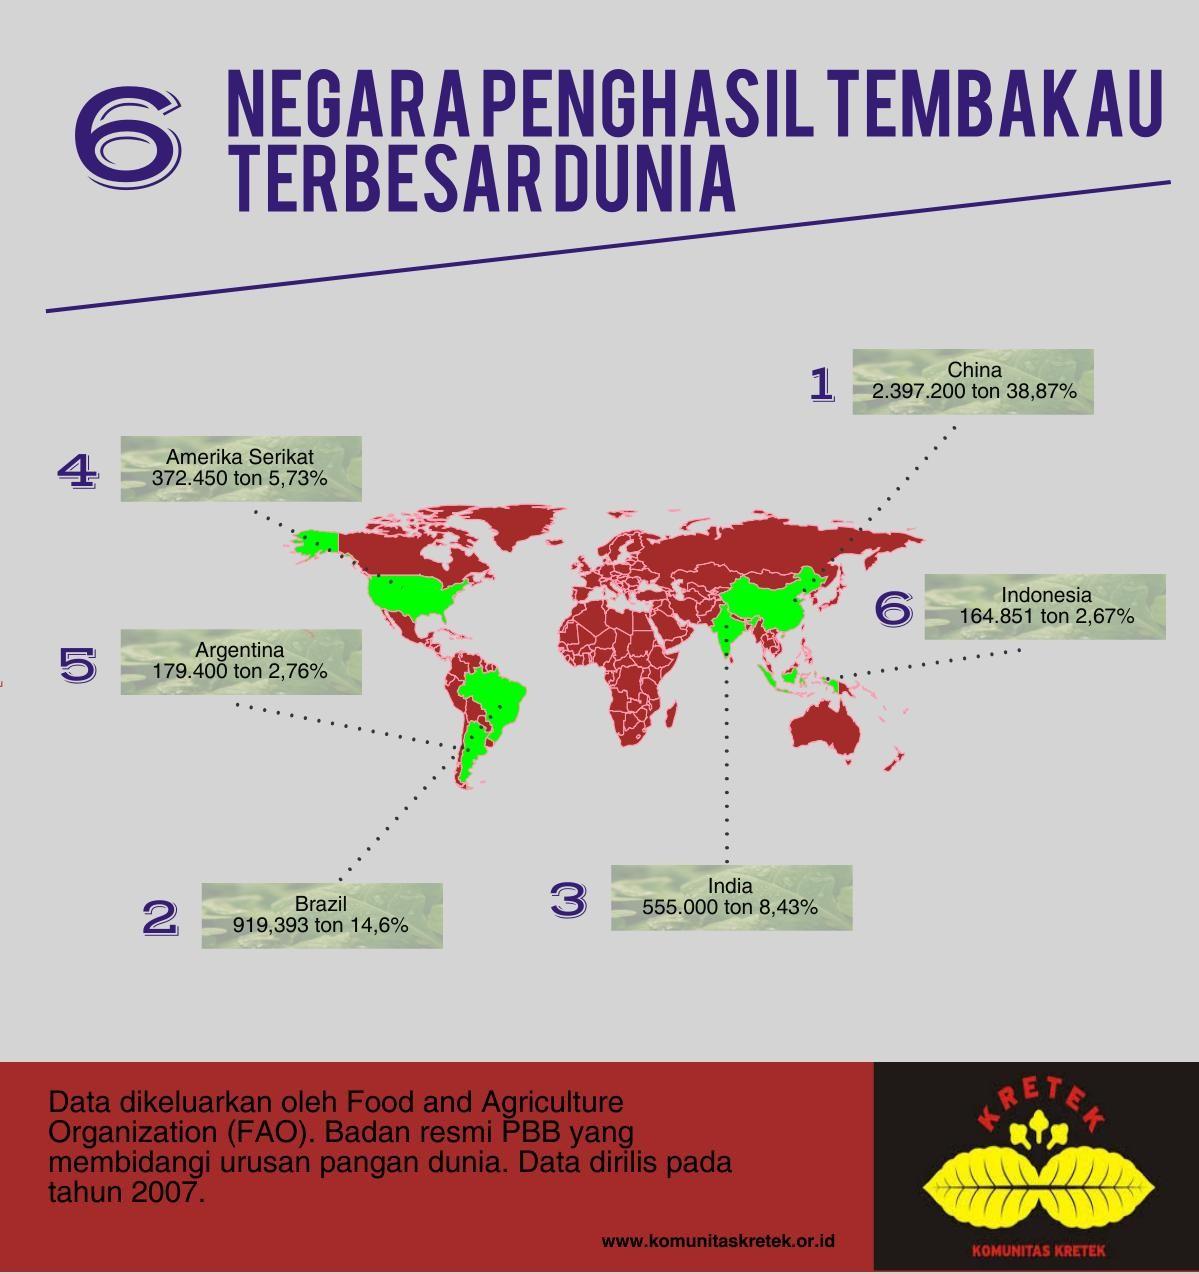 6 negara penghasil tembakau